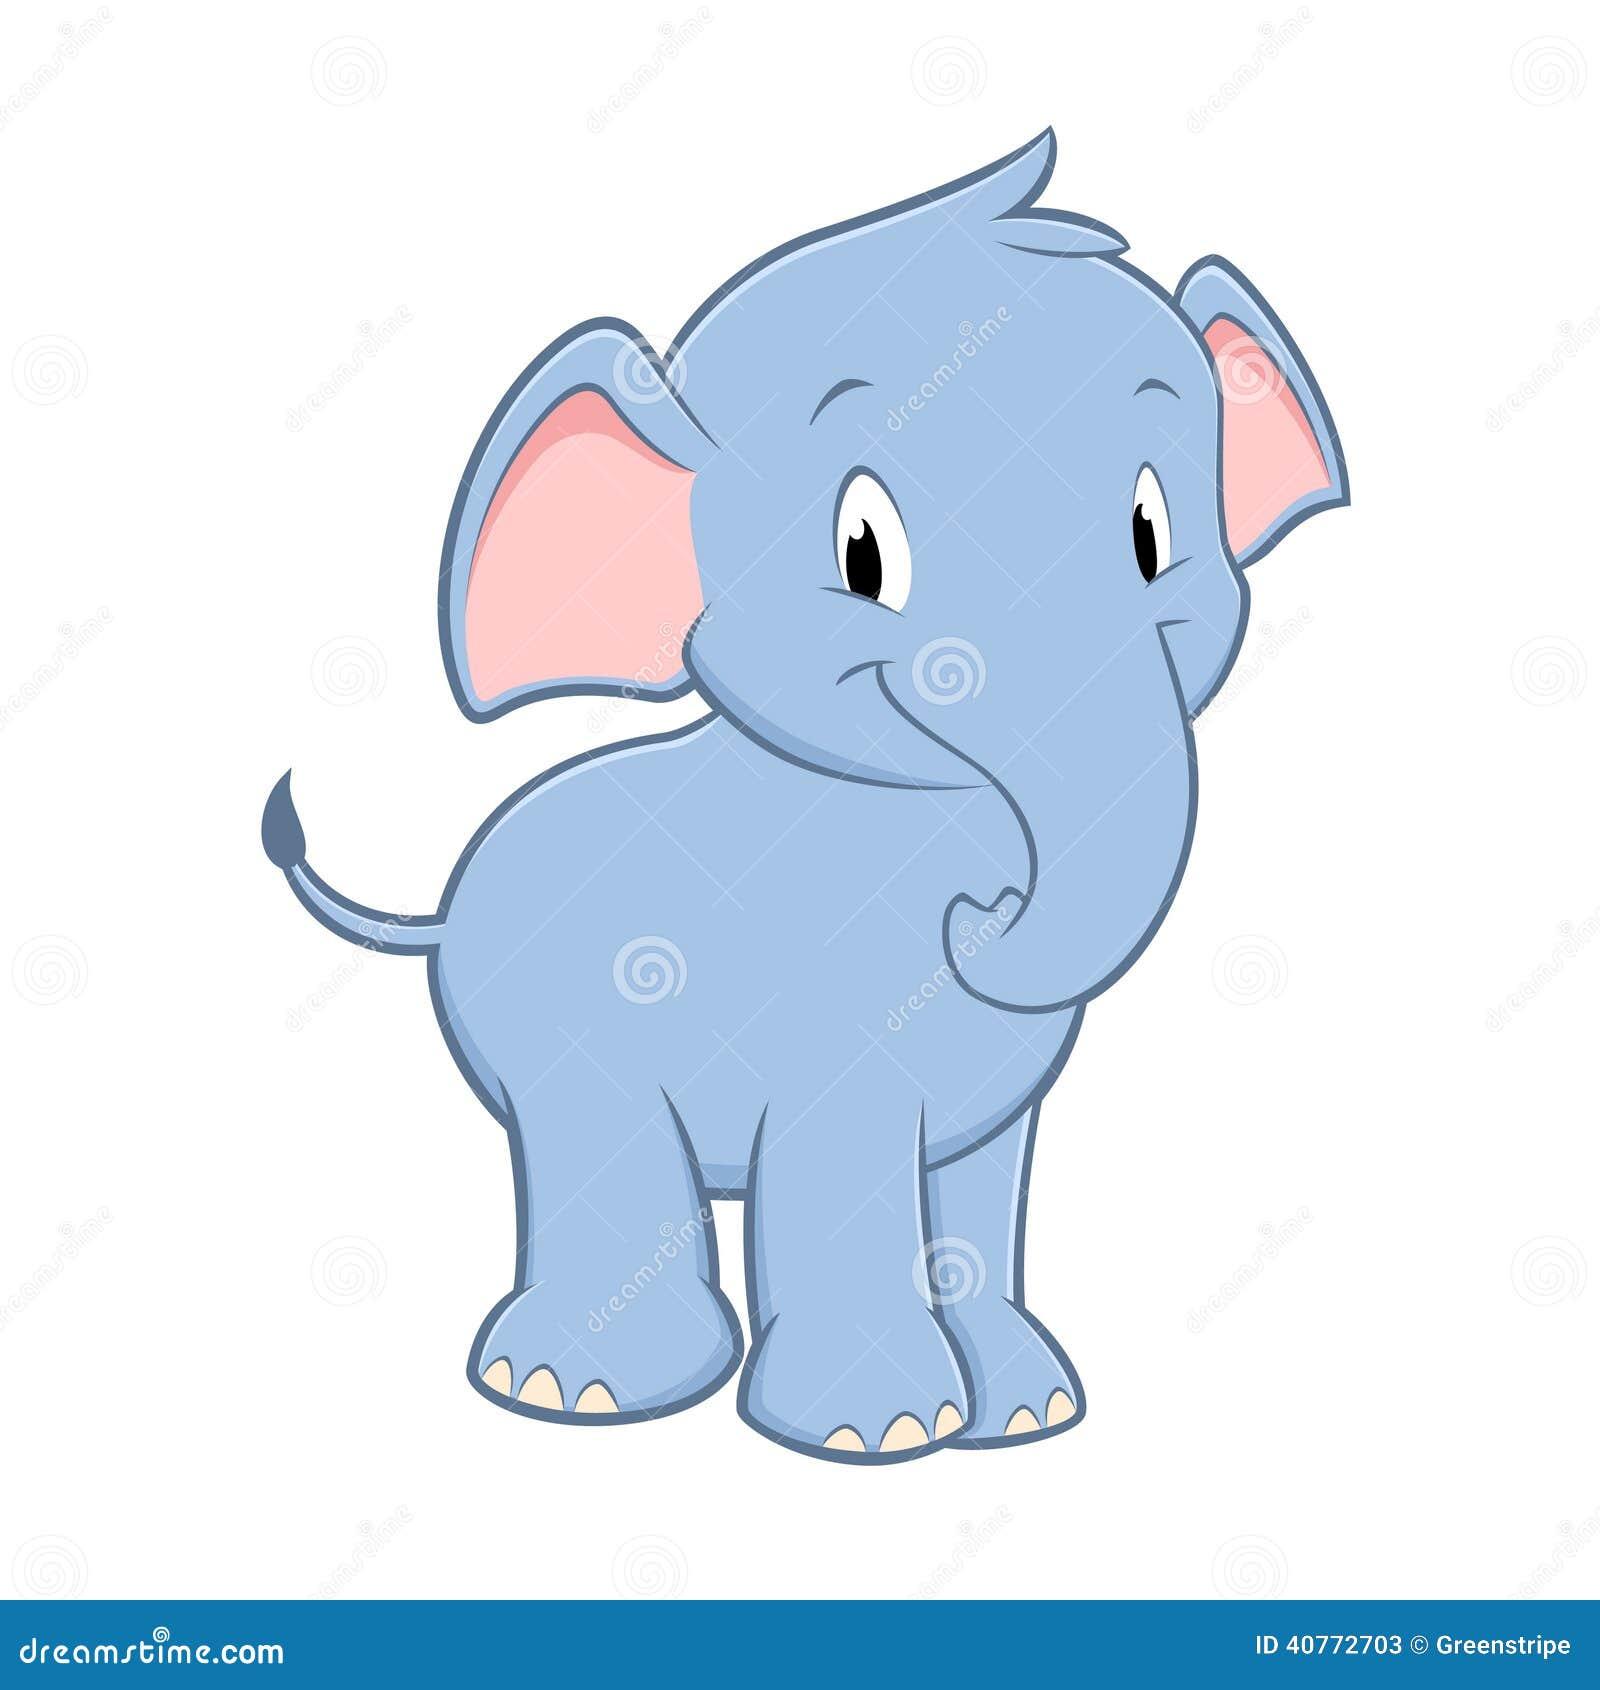 of a cute baby elephant for design element mr no pr no 3 1767 6